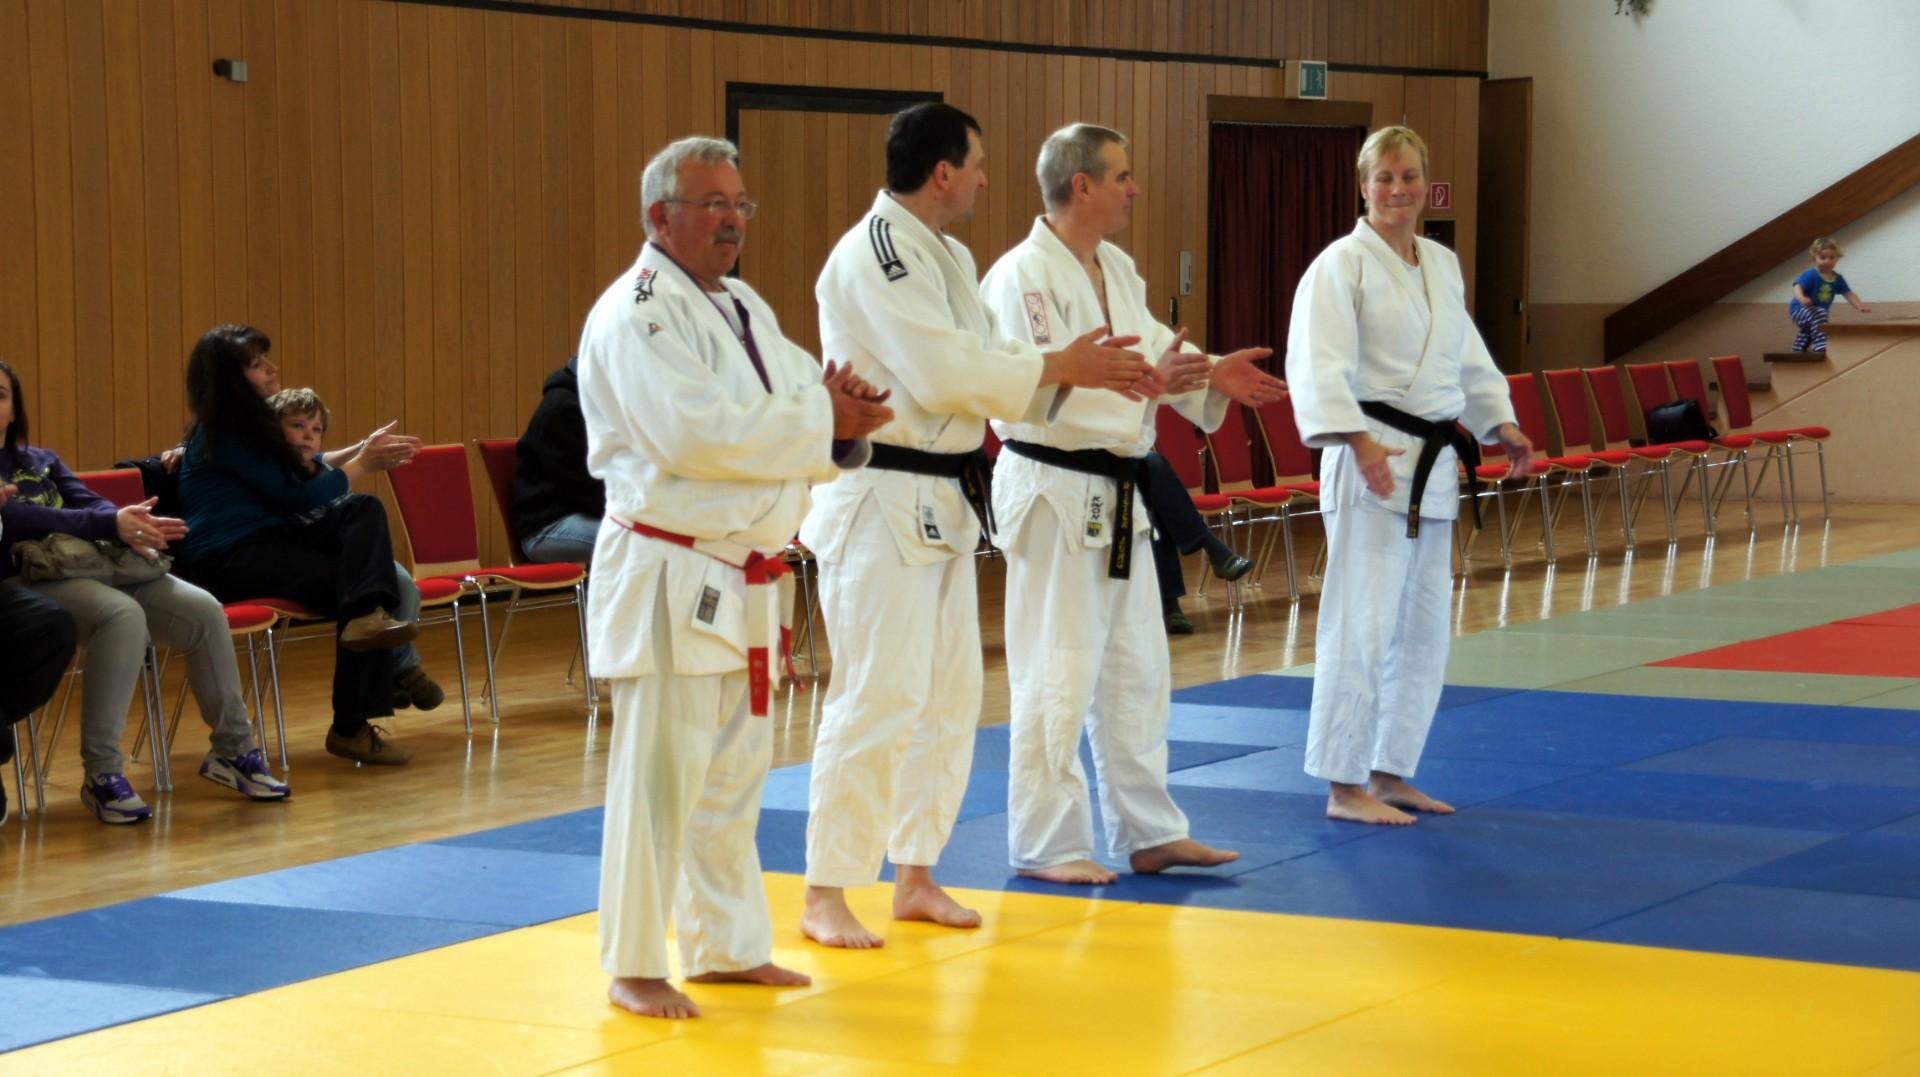 Judo_Familientag_2014_05.04.2014_11-24-16